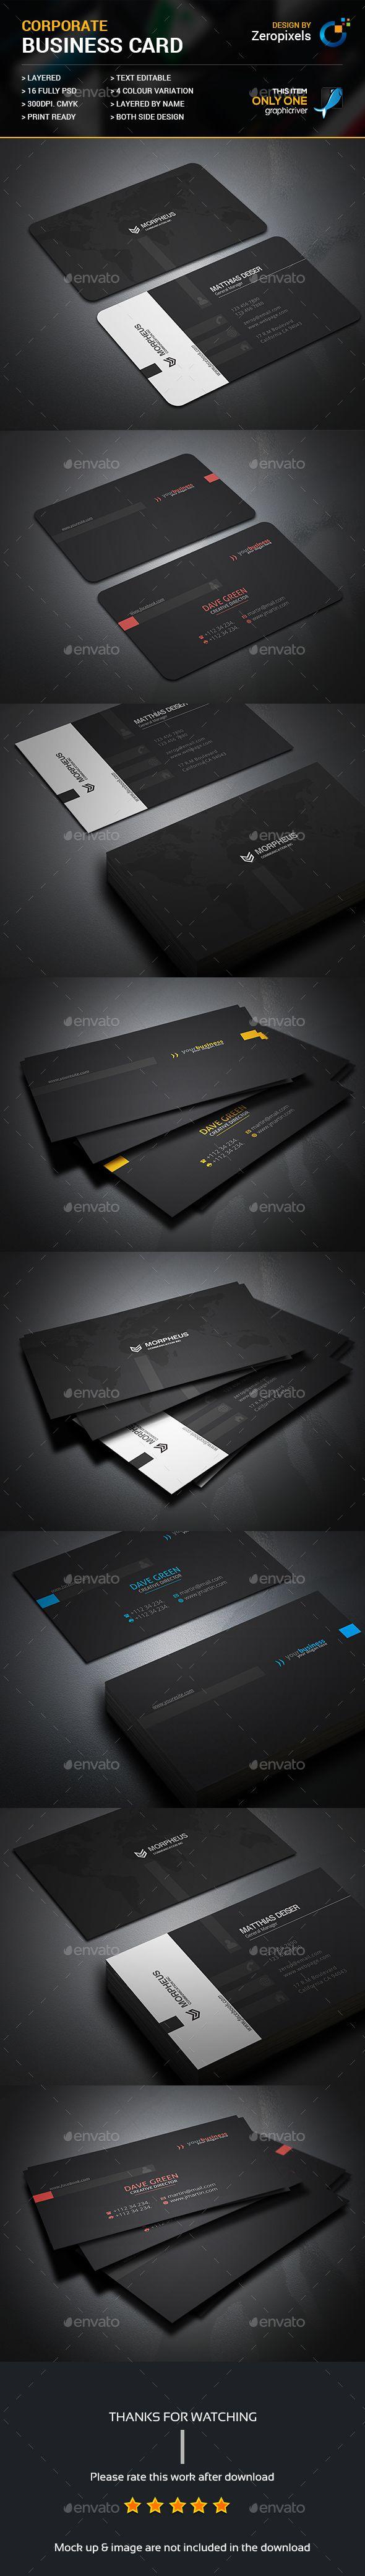 30 best name card design images on pinterest